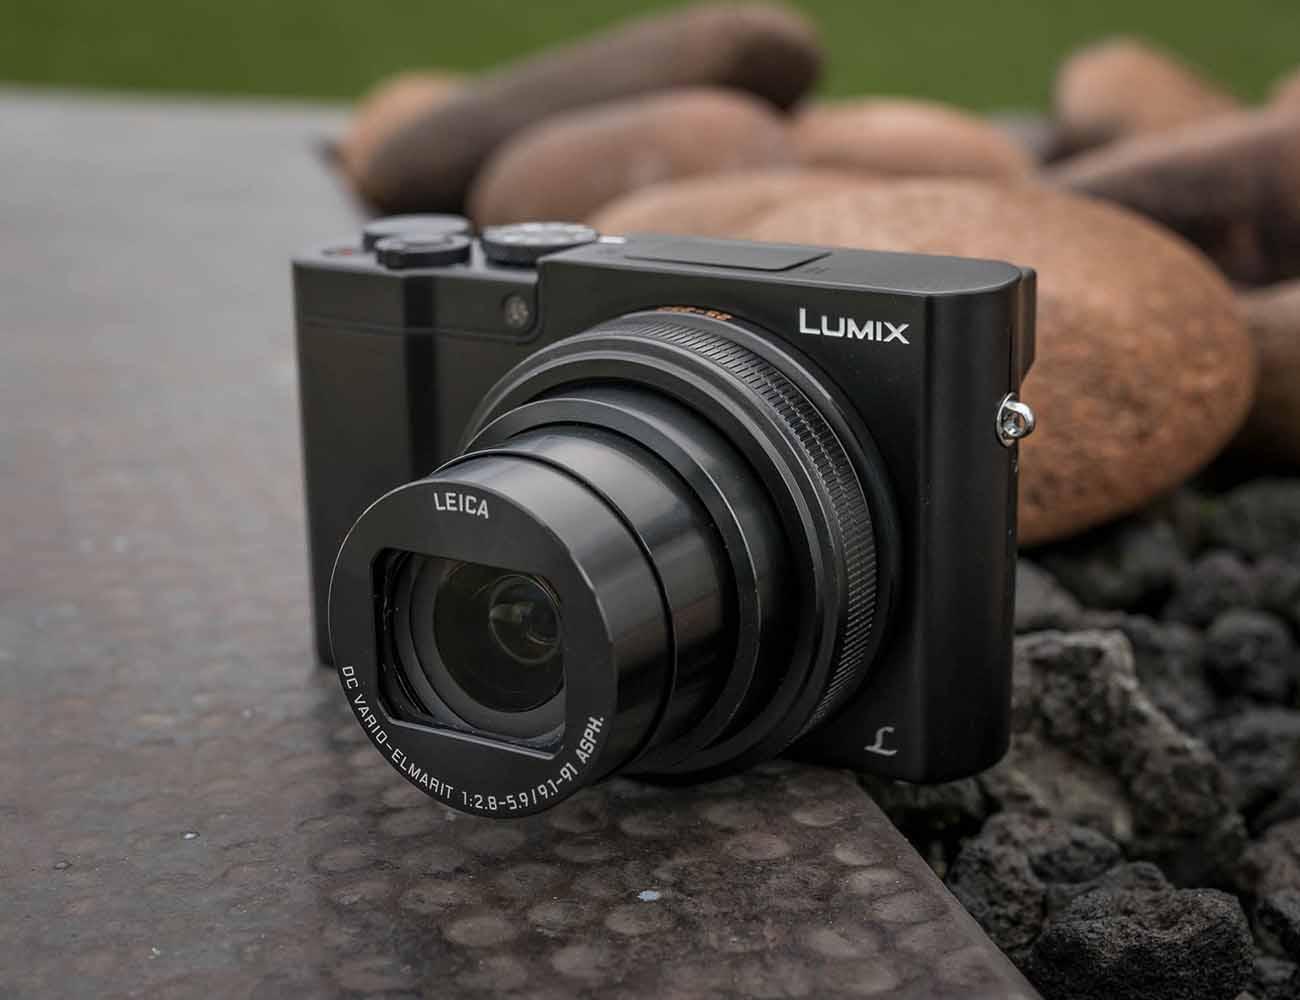 Lumix Zs100 4k Digital Camera With 20 Mp Sensor From Panasonic 187 Gadget Flow